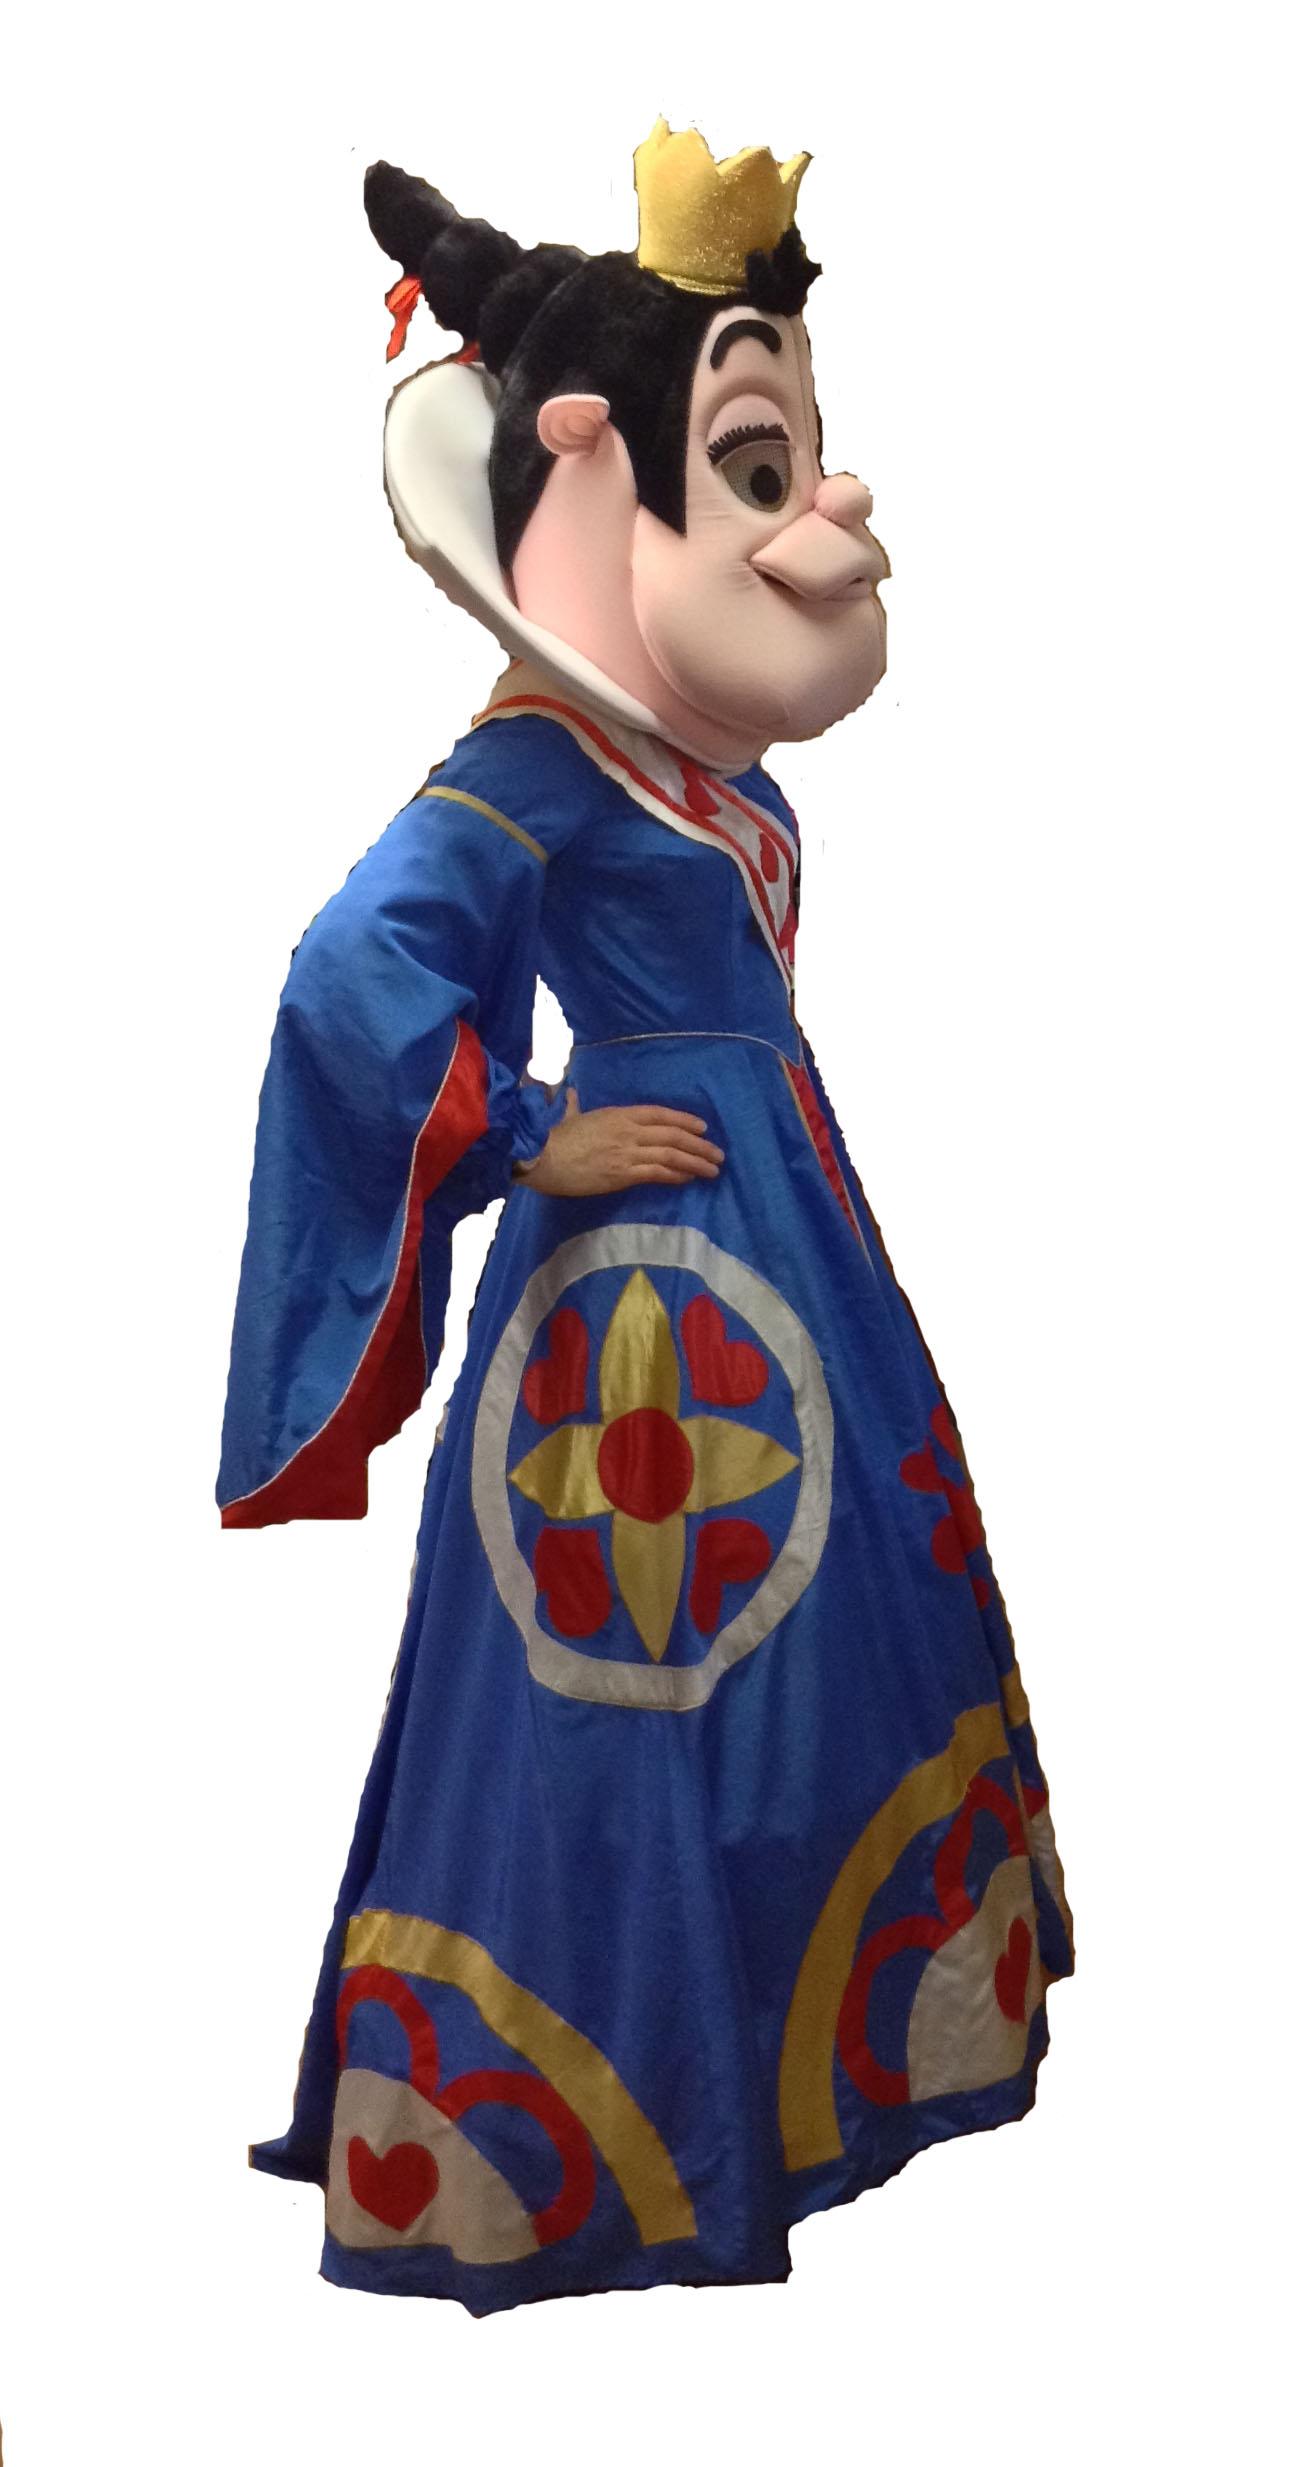 Mascot_Queen_of_hearts